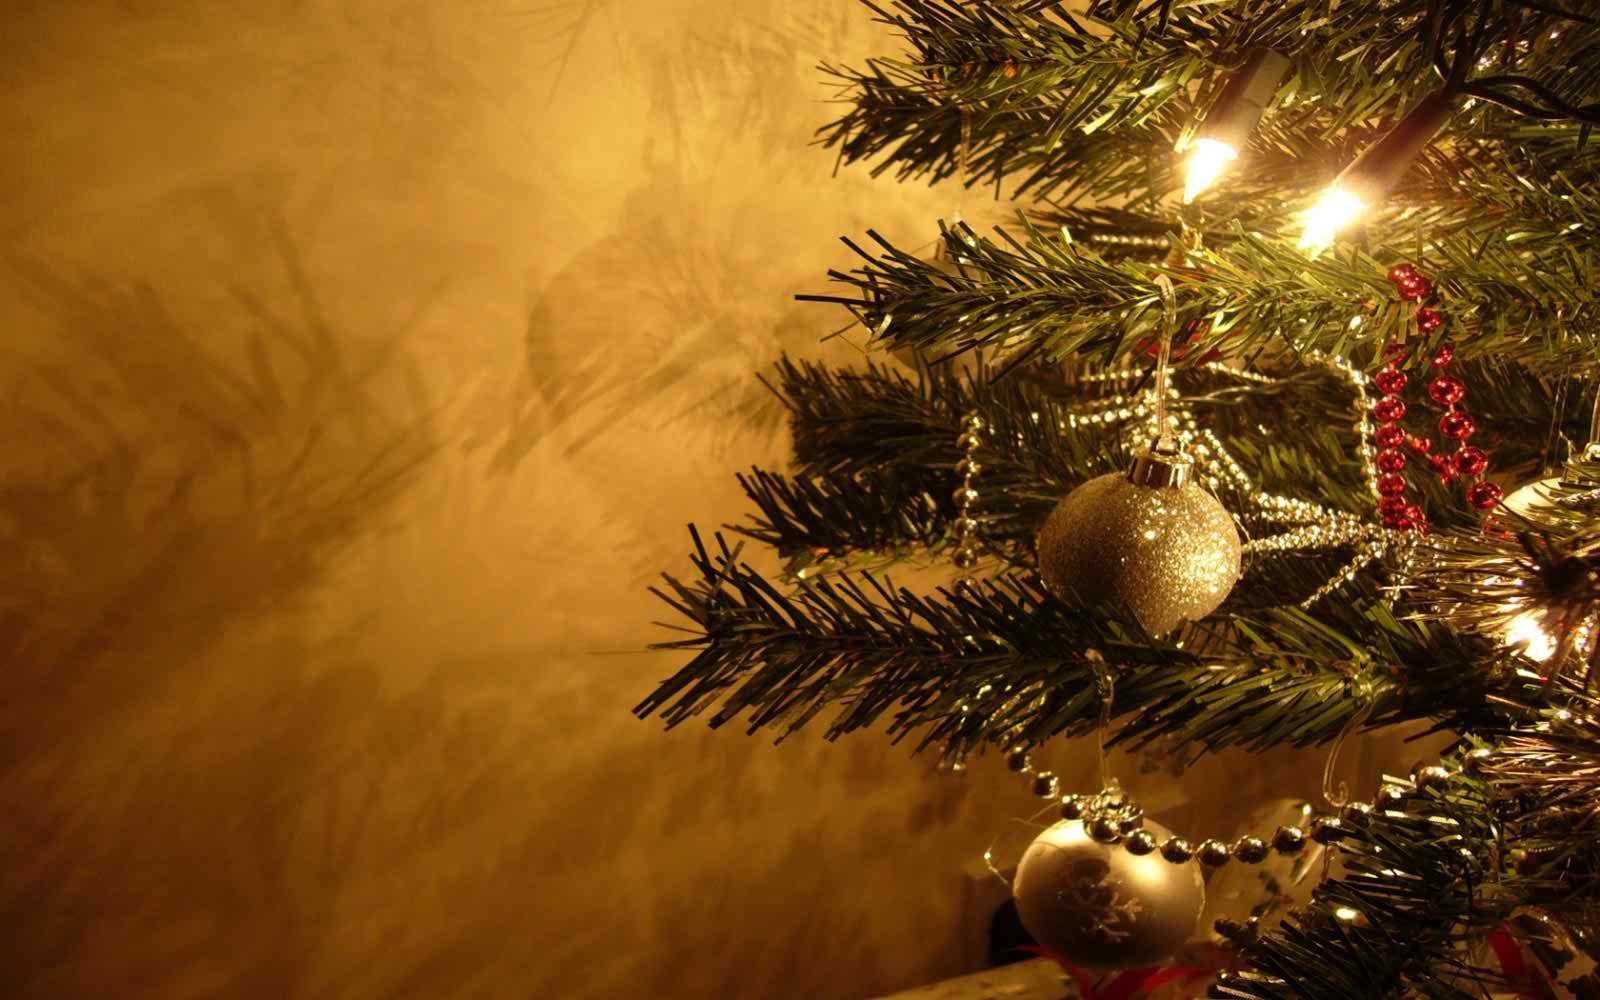 Christmas Desktop Wallpaper 7 Wallpaper Background Hd